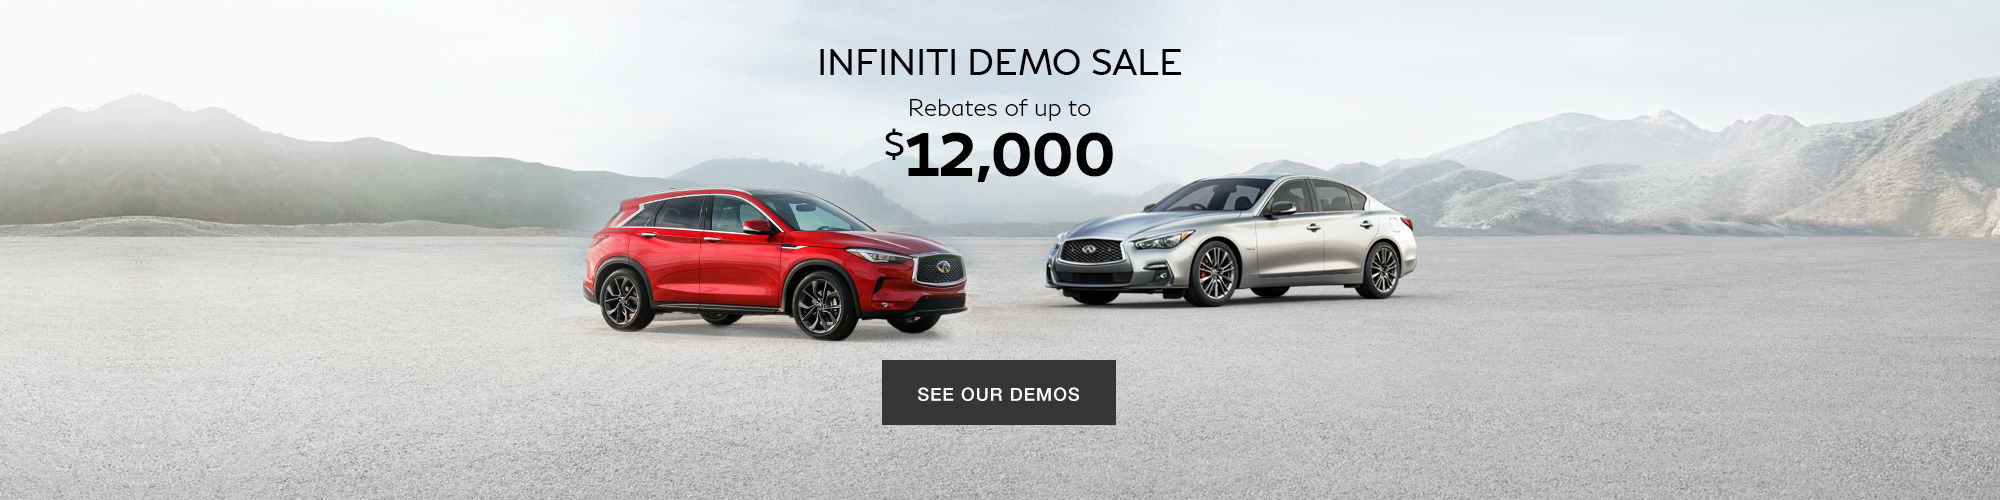 Demo sales